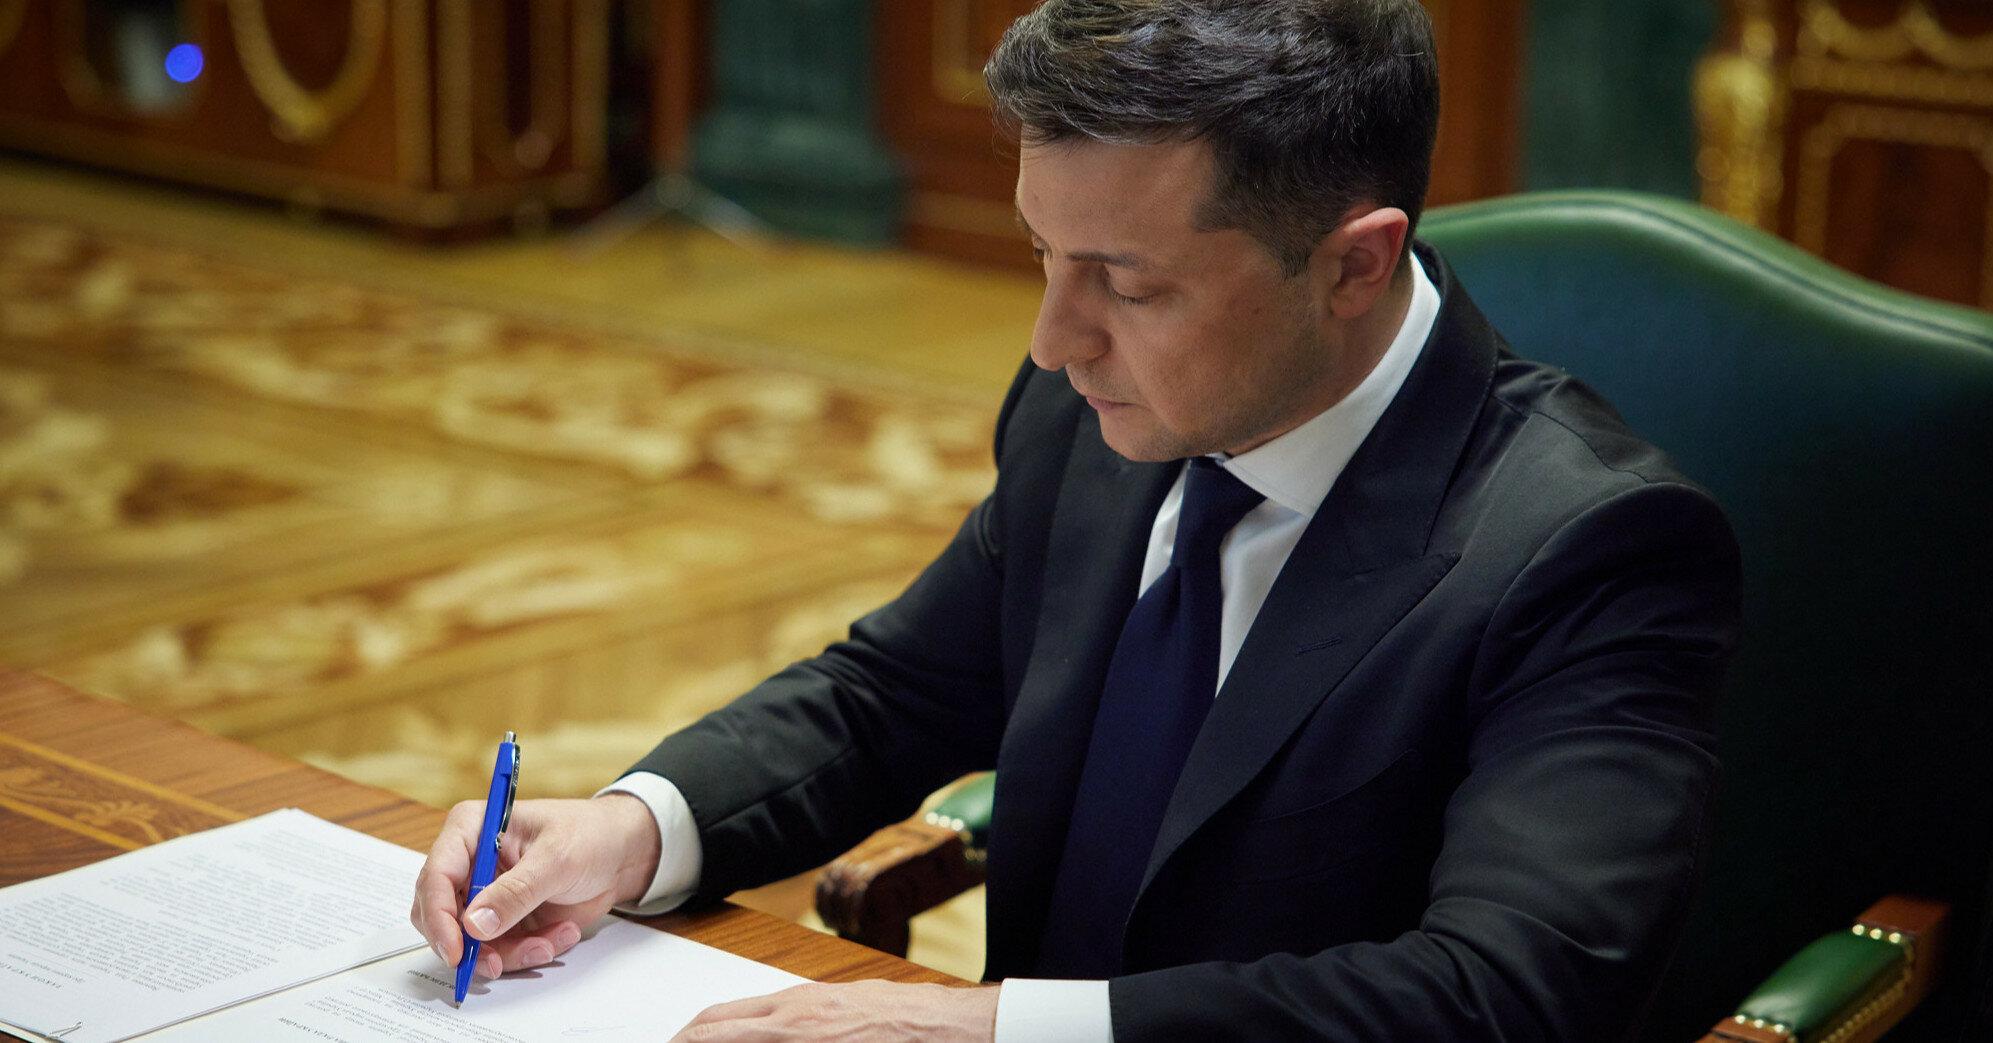 Зеленский подписал закон, стимулирующий развитие цифровой экономики